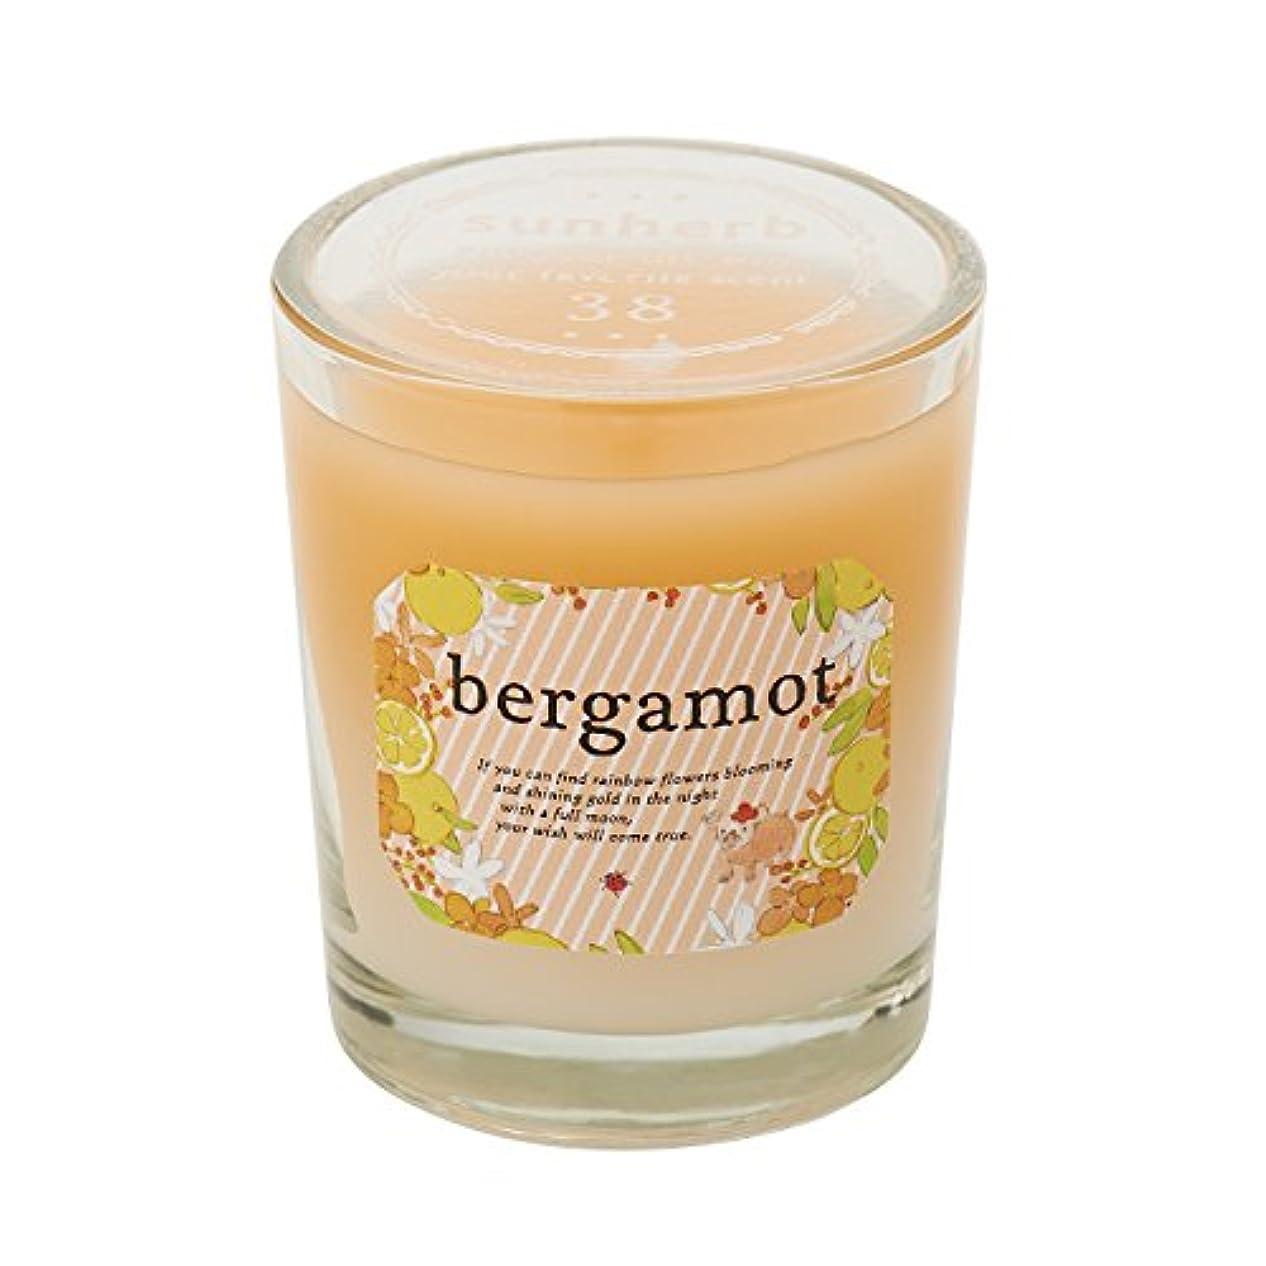 デコレーションまた明日ね名前を作るサンハーブ グラスキャンドル ベルガモット 35g(グラデーションろうそく 燃焼時間約10時間 懐かしい甘酸っぱい香り)